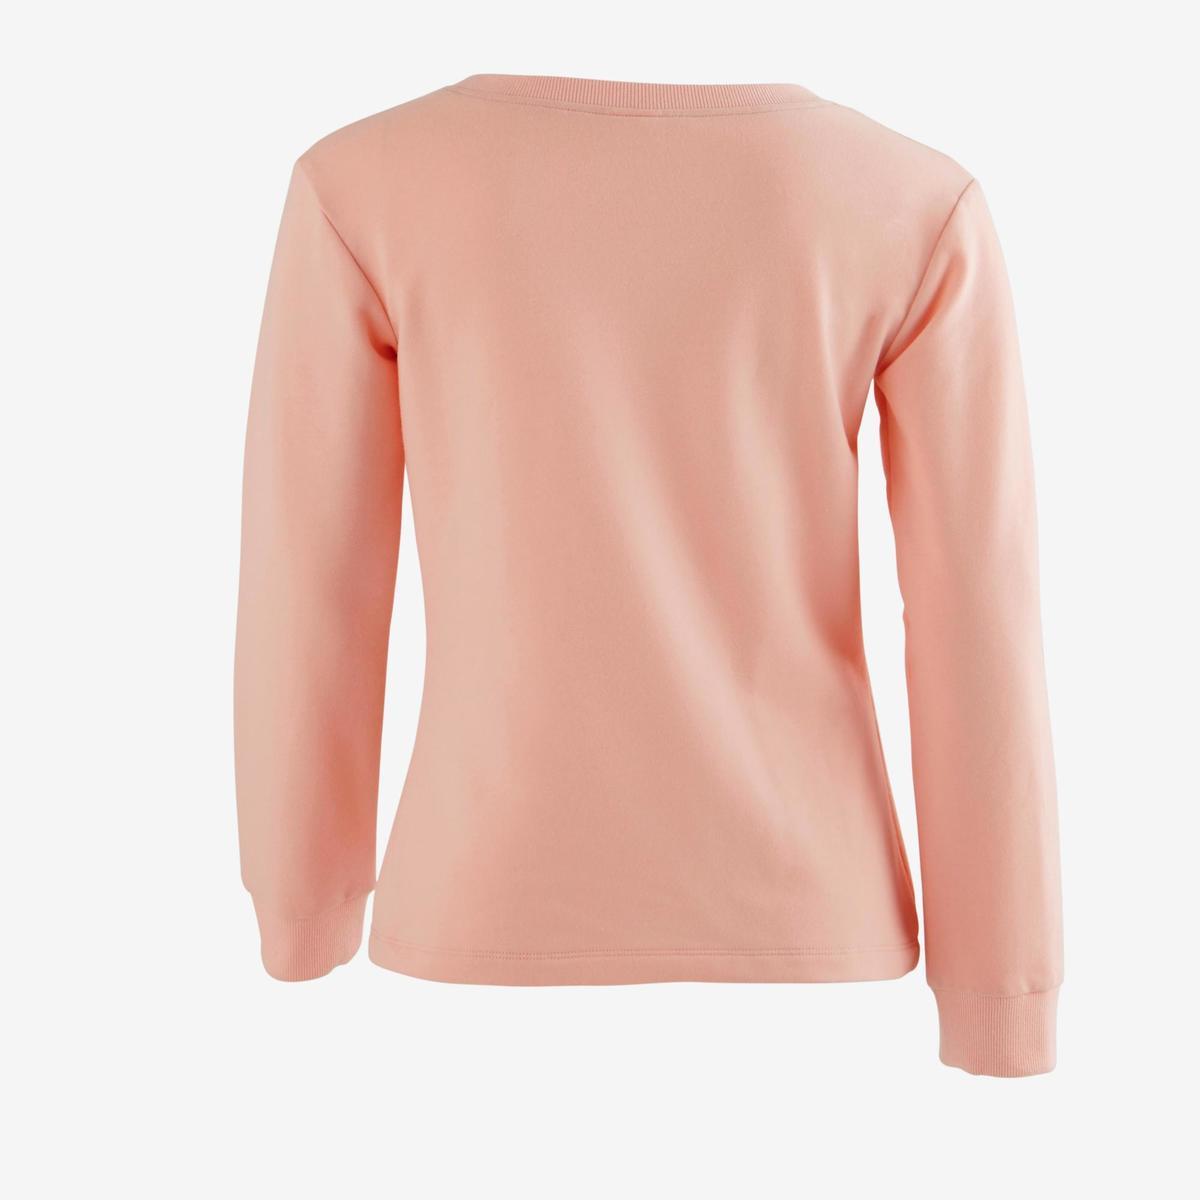 Bild 4 von Sweatshirt 100 Gym Mädchen rosa